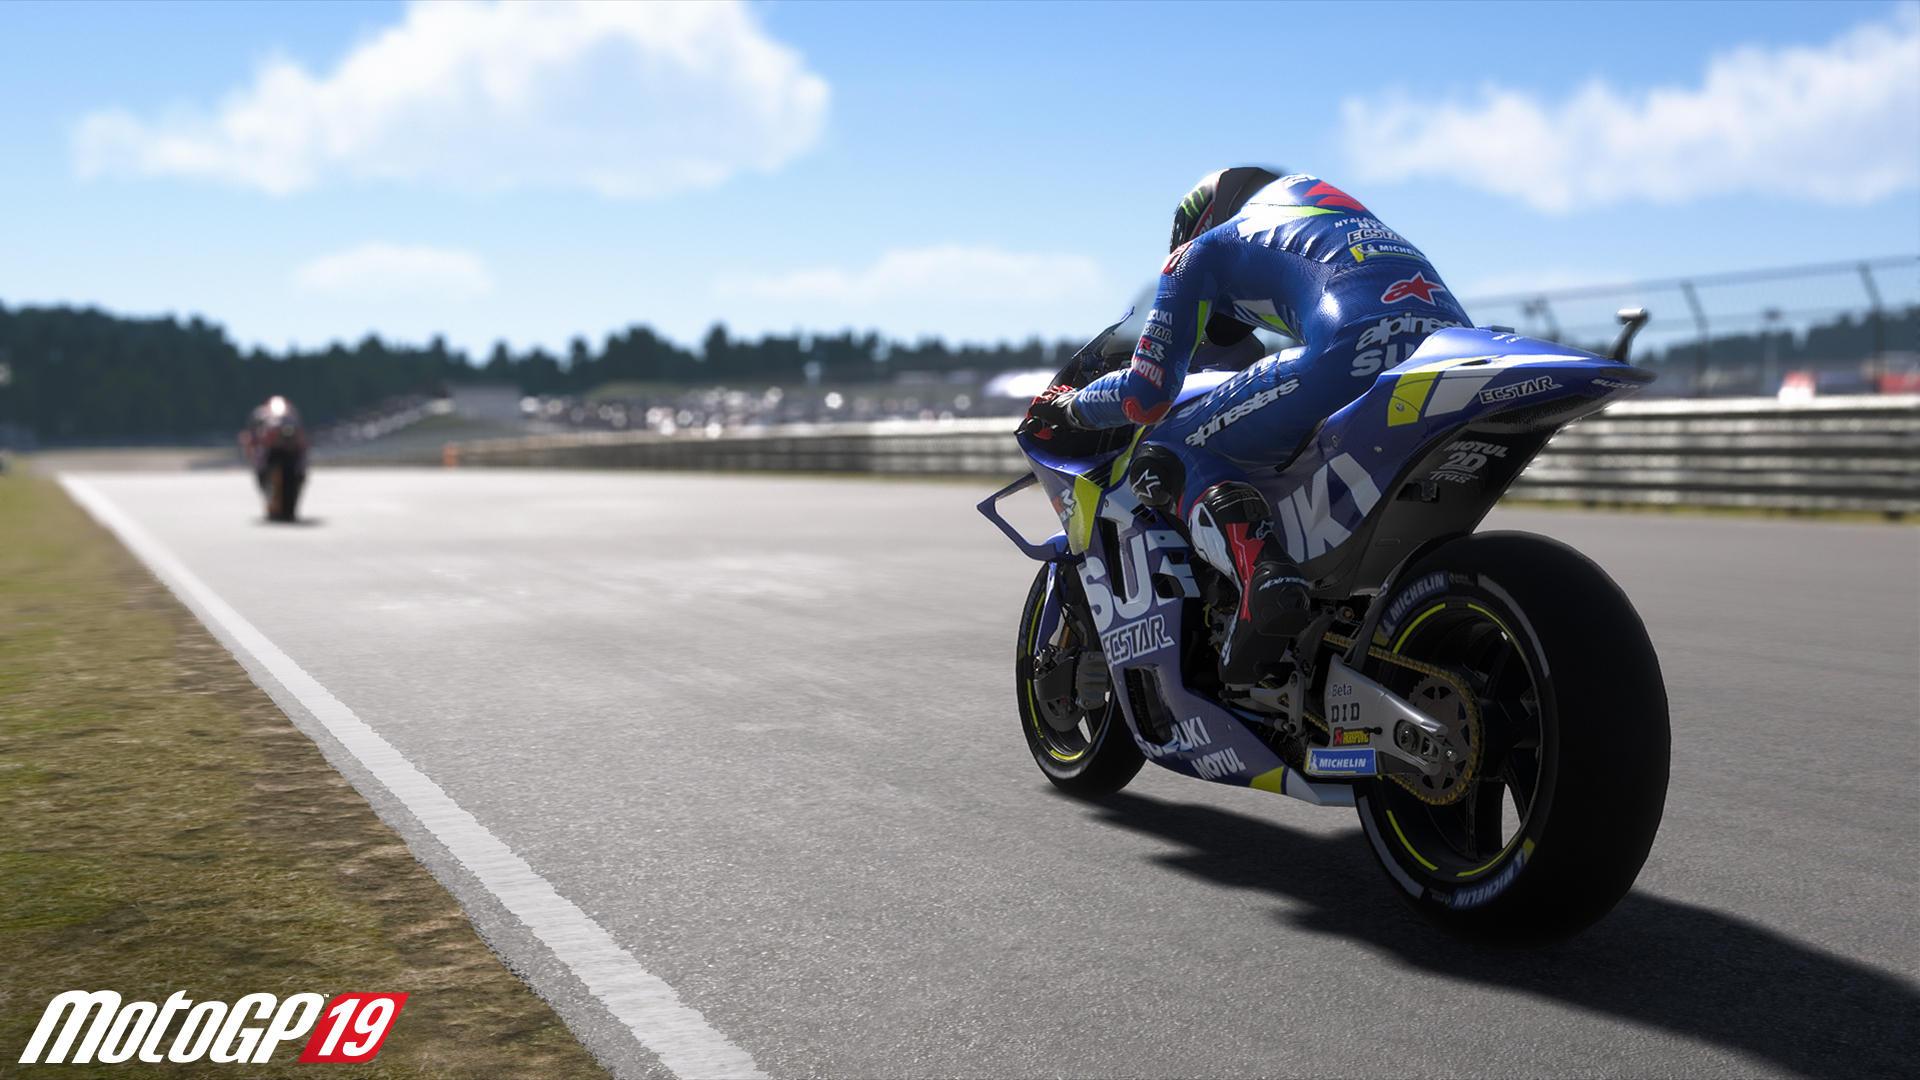 Milestone ha presentato tutte le novità della modalità Multiplayer di MotoGP 19, che si arricchisce di importanti novità sia dal punto di vista tecnic...